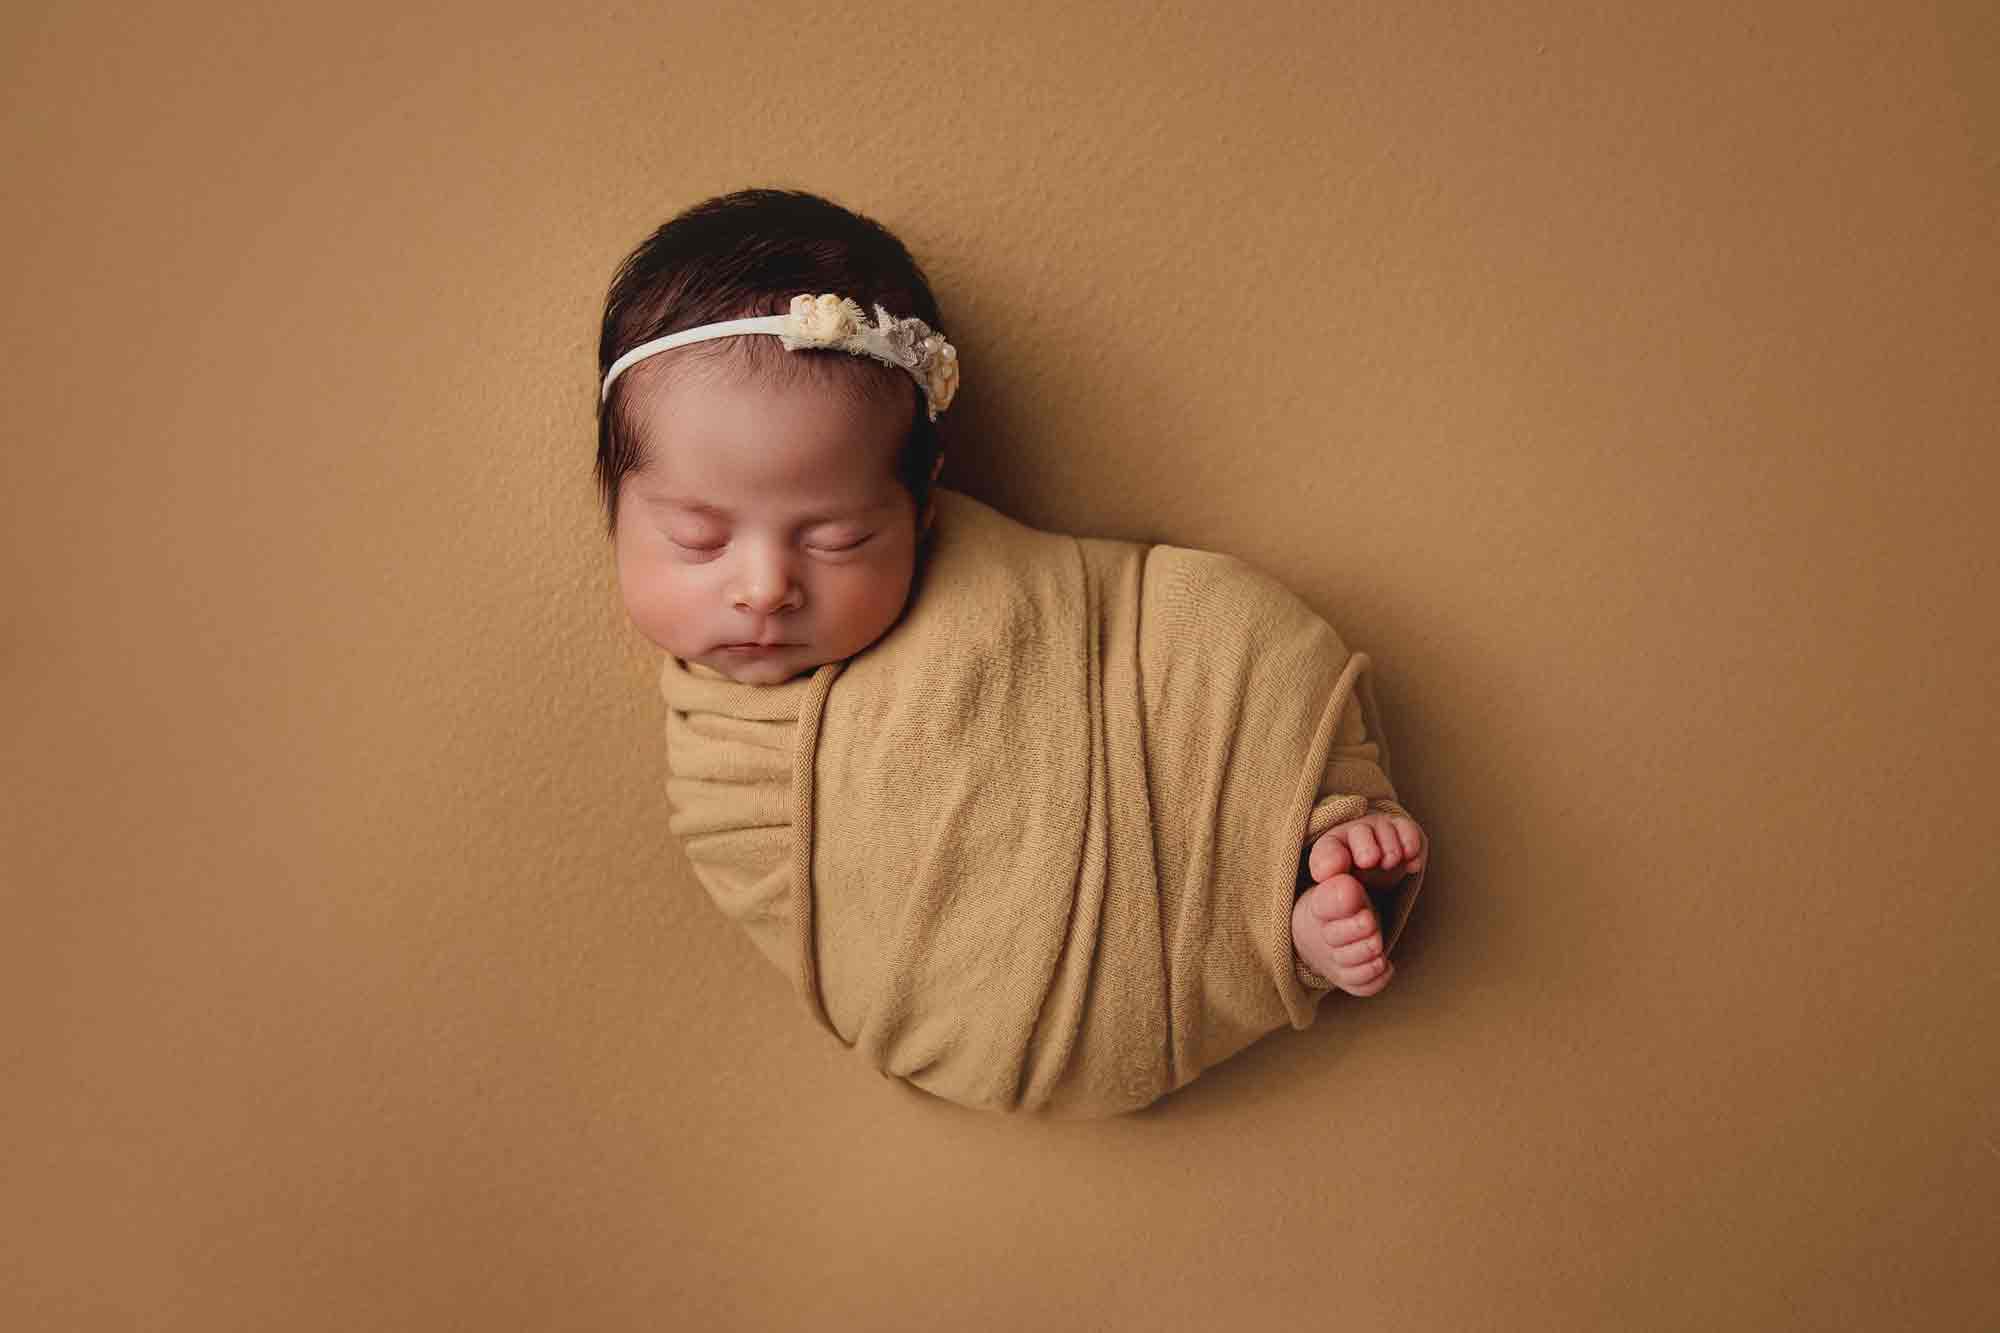 sergio-moreno-fabrica-de-suenos--cursos-de-fotografia-de-recien-nacidos-newborns-fotofest5